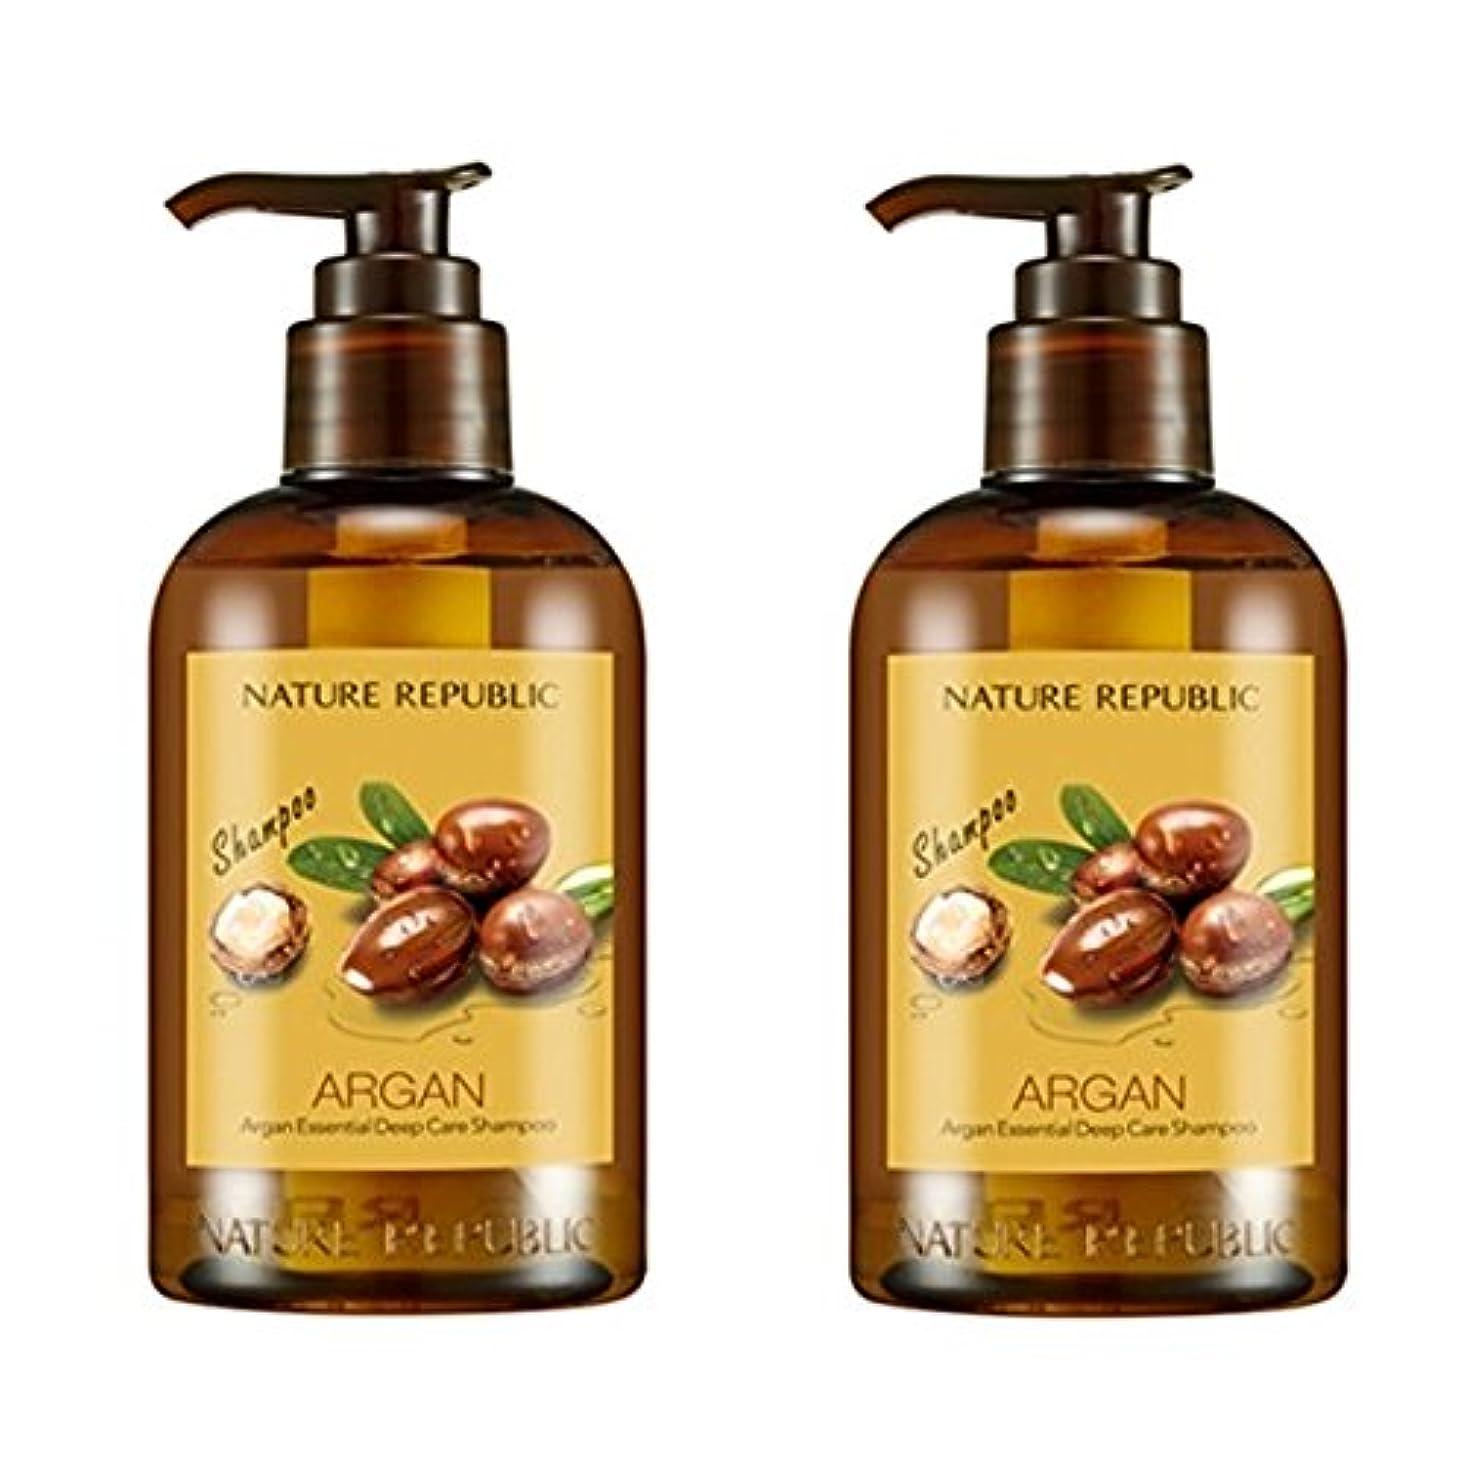 融合意気込みスクラブネイチャーリパブリック(NATURE REPUBLIC) アルガン エッセンシャル ディープ ケア シャンプー x 2本 (Argan Essential Deep Care Shampoo x2pcs Set) [並行輸入品]